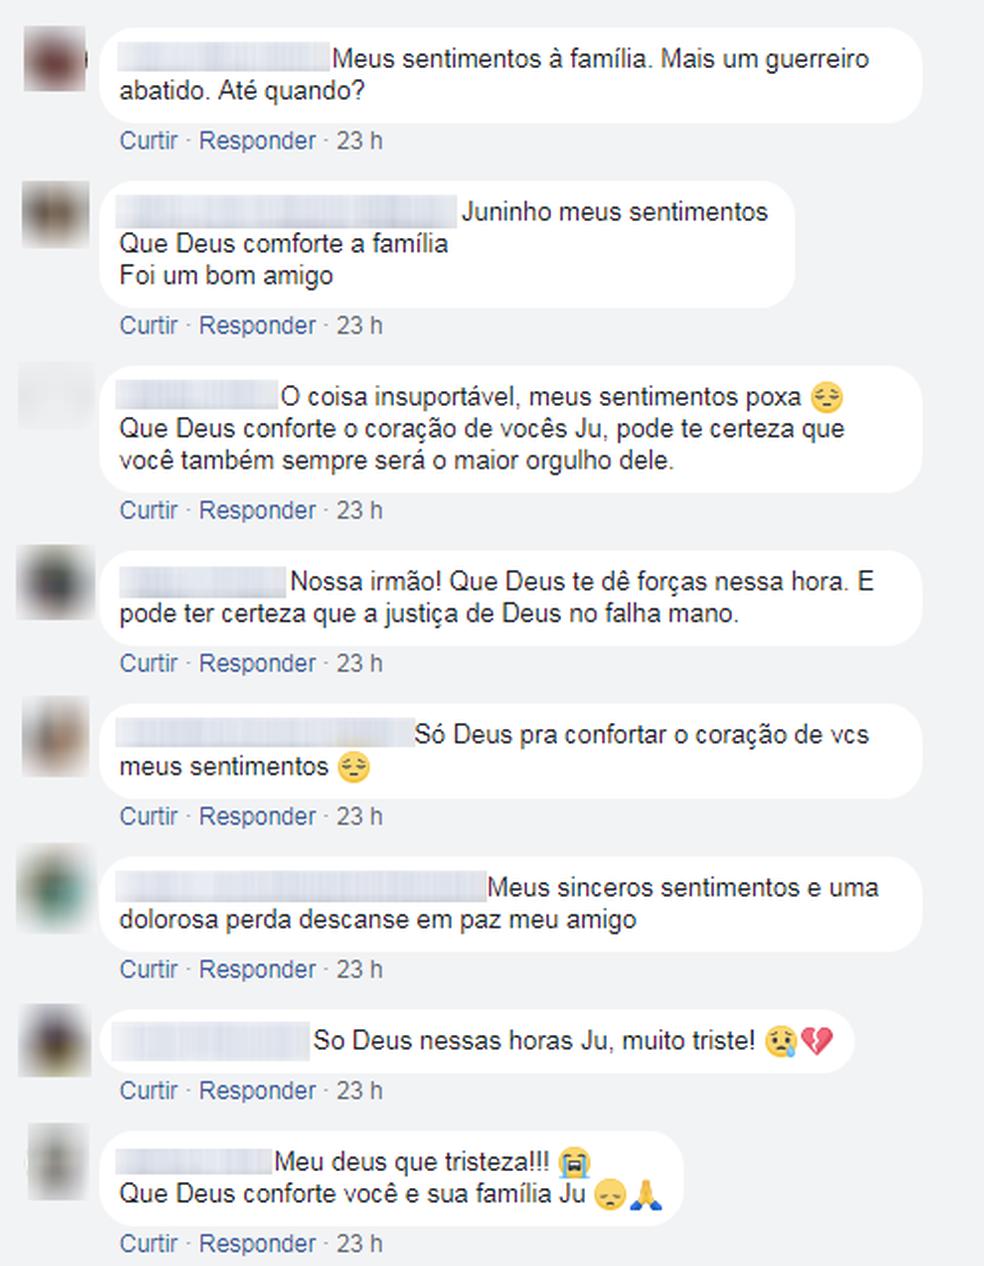 Comentários em solidariedade à família ajuda a lidar com dor da perda, diz sobrinho  (Foto: Reprodução/Facebook)